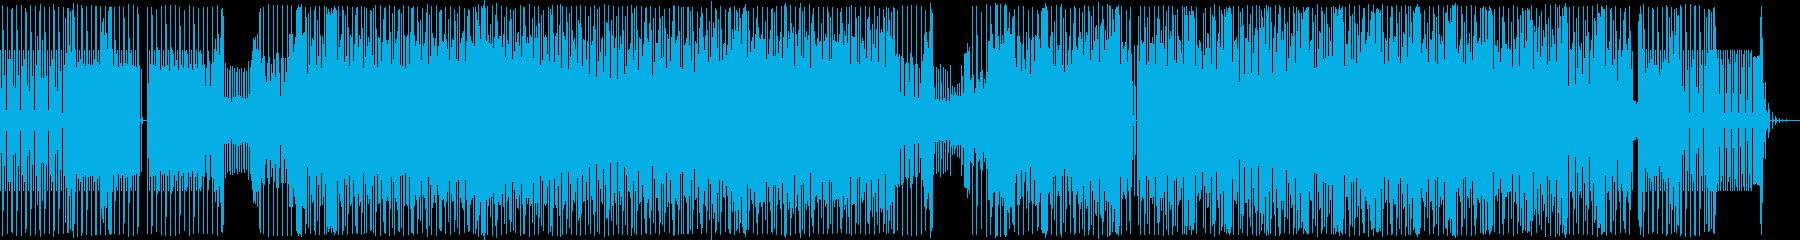 奇妙な音で区切られた、むき出しのリ...の再生済みの波形